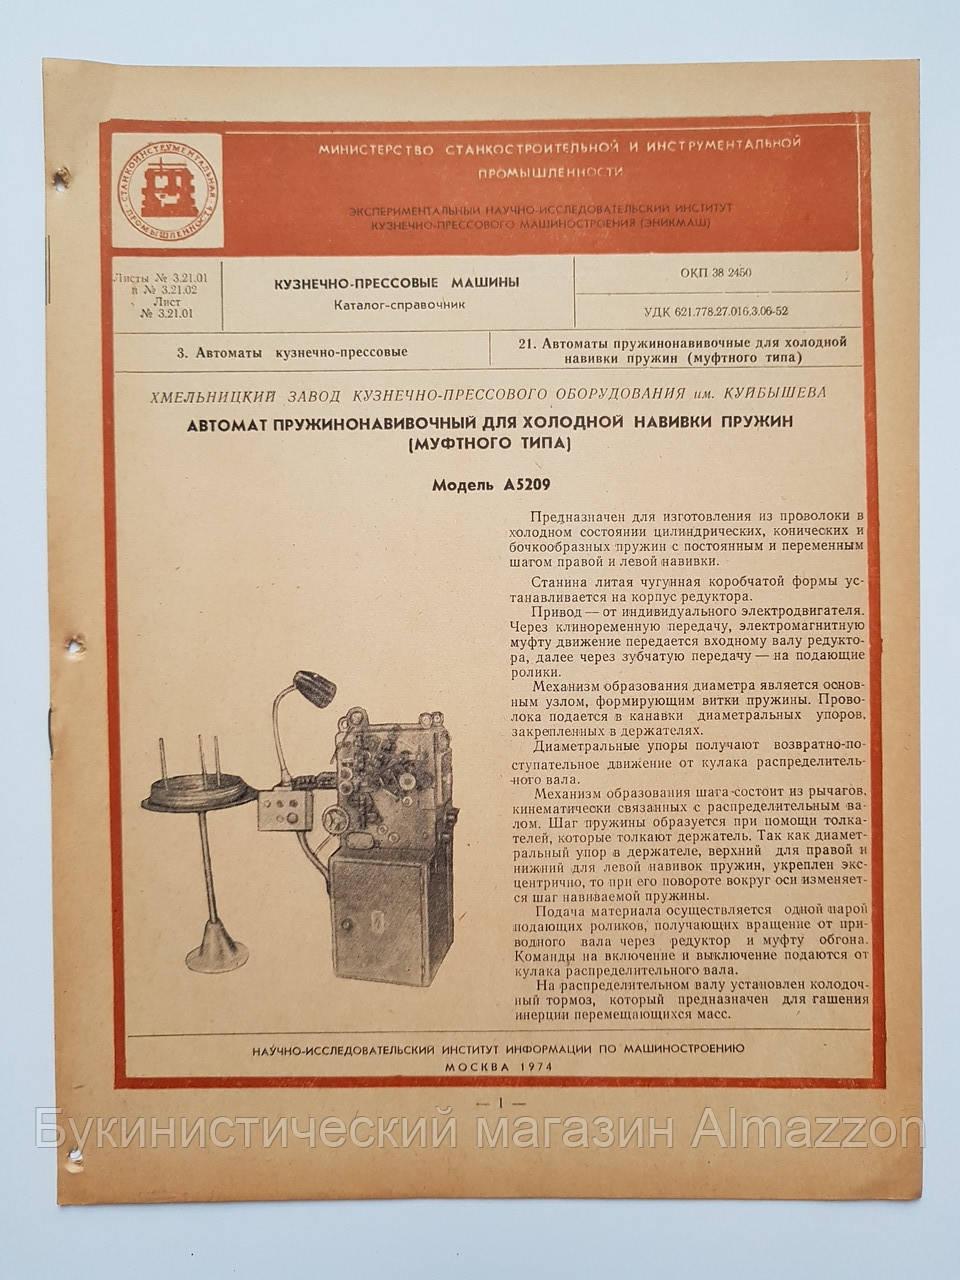 Журнал (Бюллетень) Автомат пружинонавивочный для холодной навивки пружин А5209,А5216   3.21.01,3.21.02